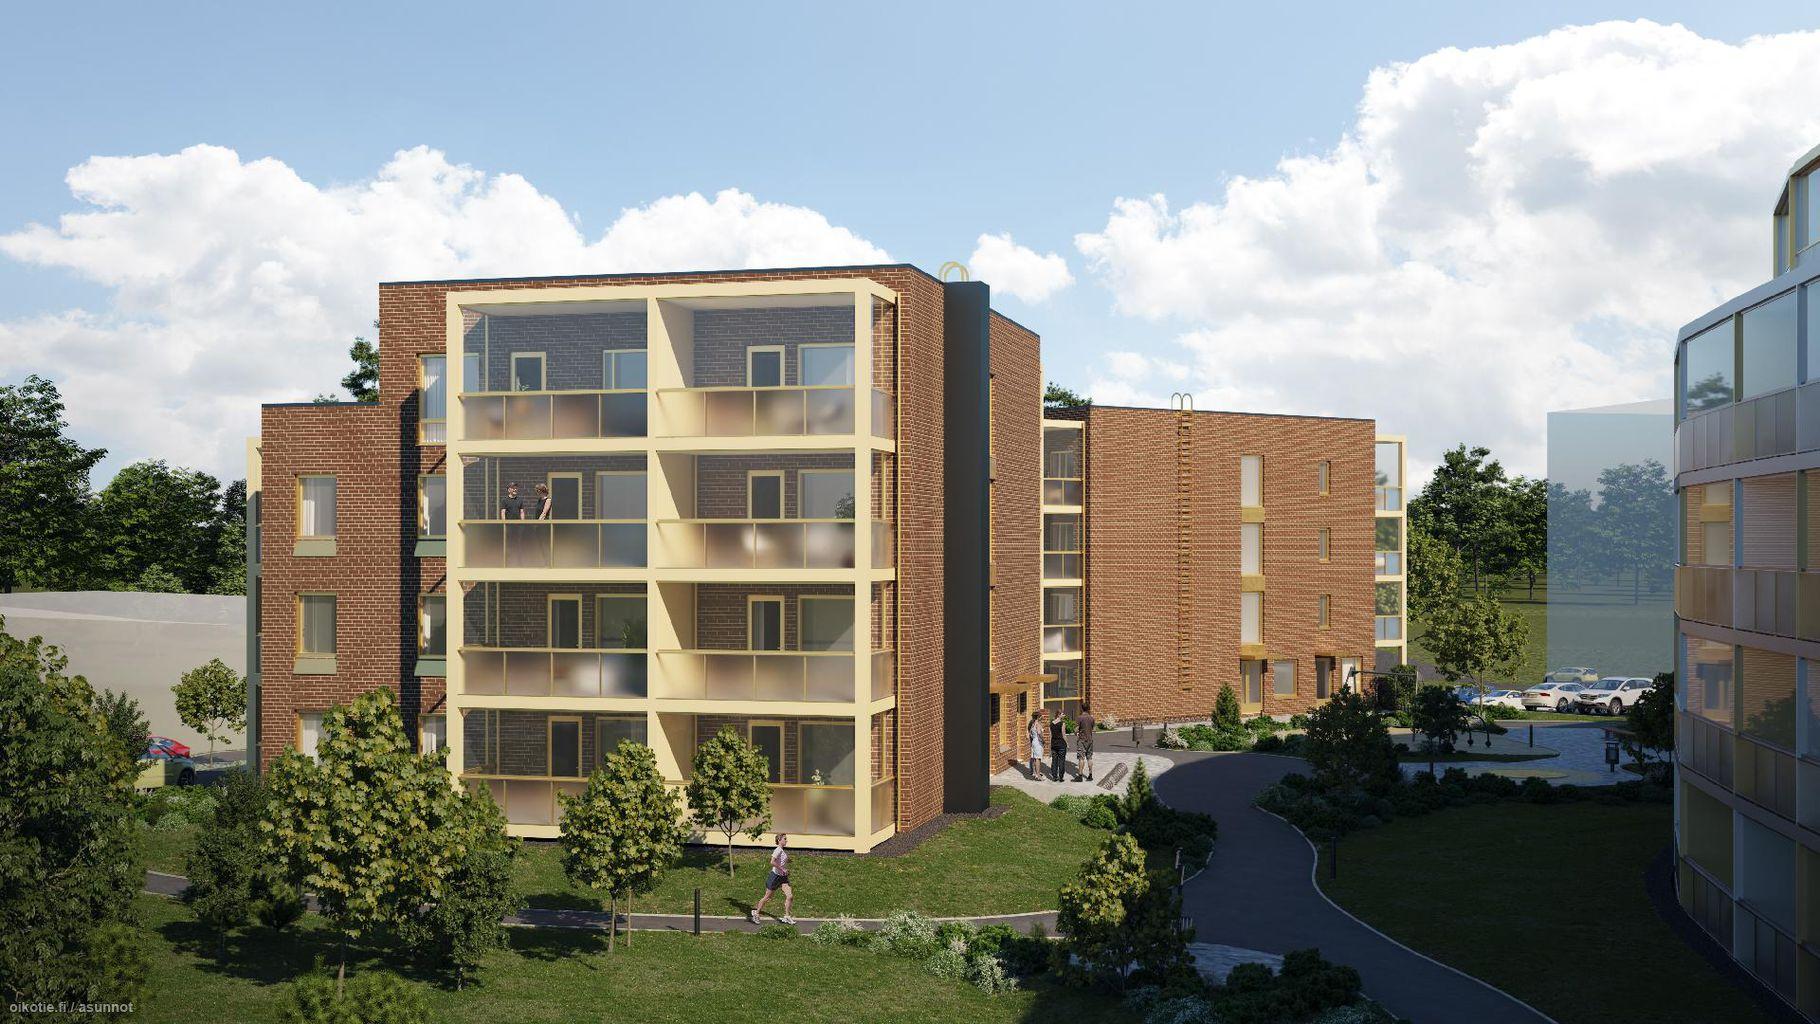 47,5 m² Paapuuri 4 B 35, 02330 Espoo Kerrostalo Kaksio myynnissä - Oikotie 14707373